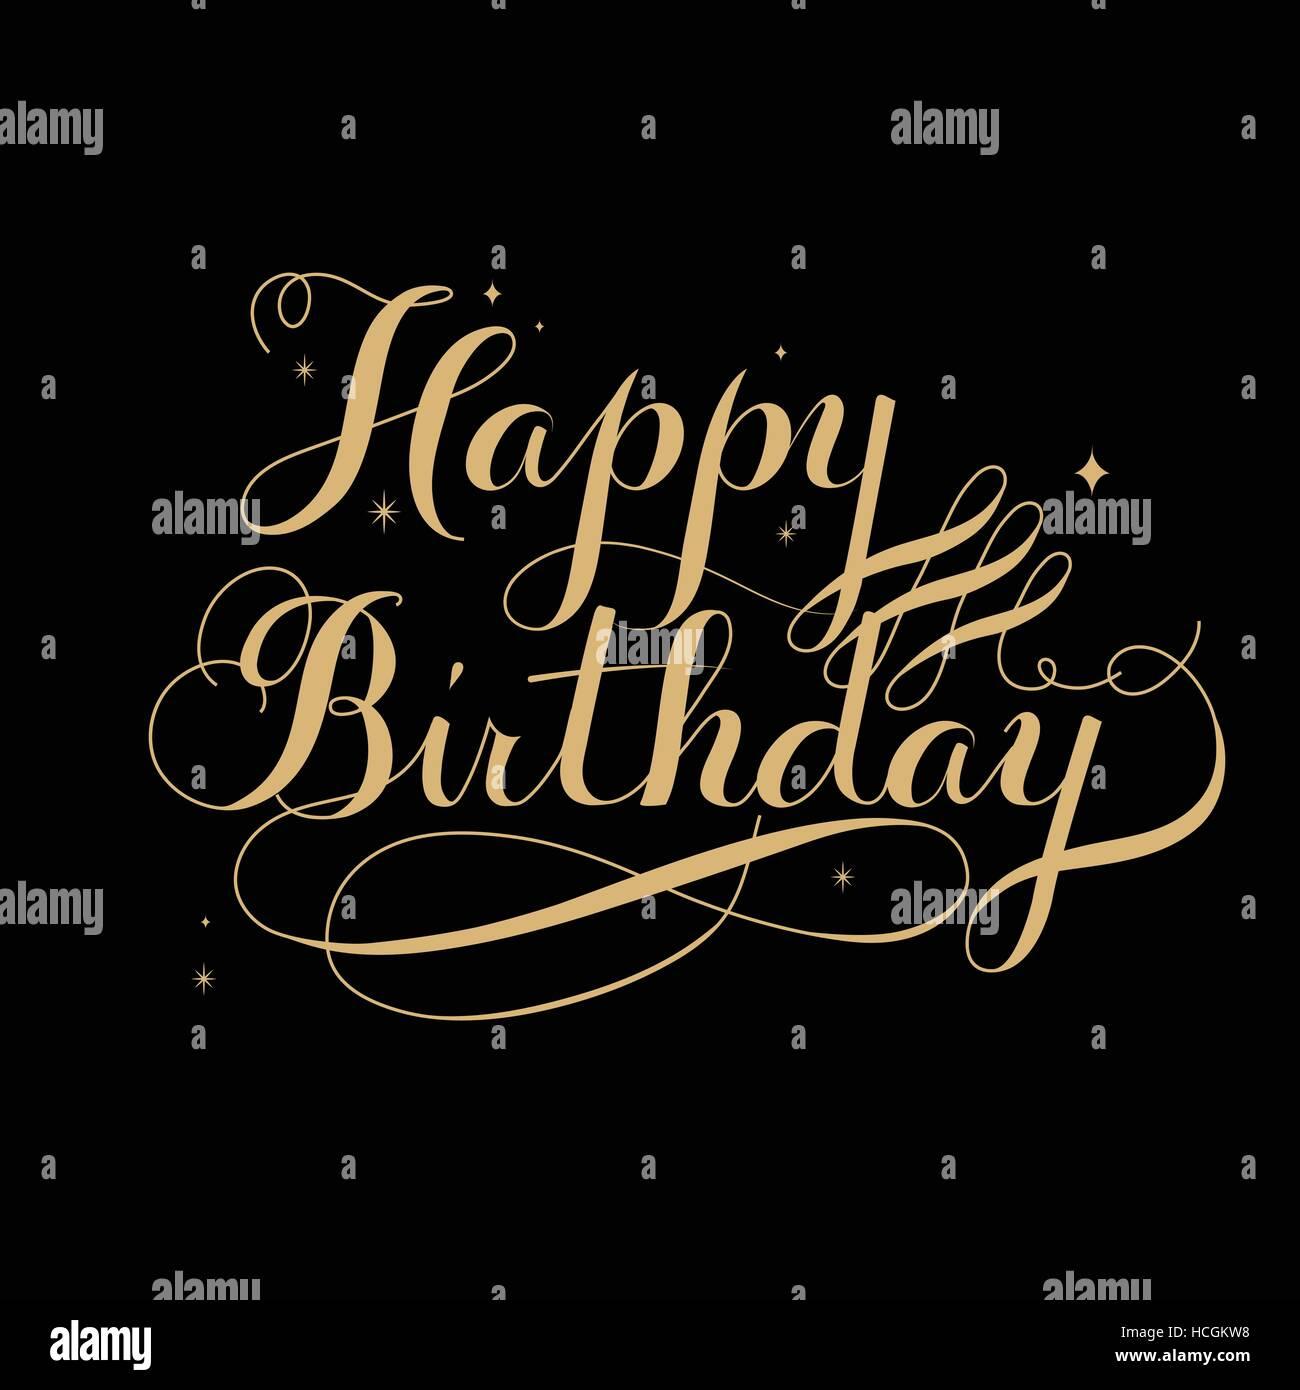 Elegant Happy Birthday Calligraphy Design Over Black